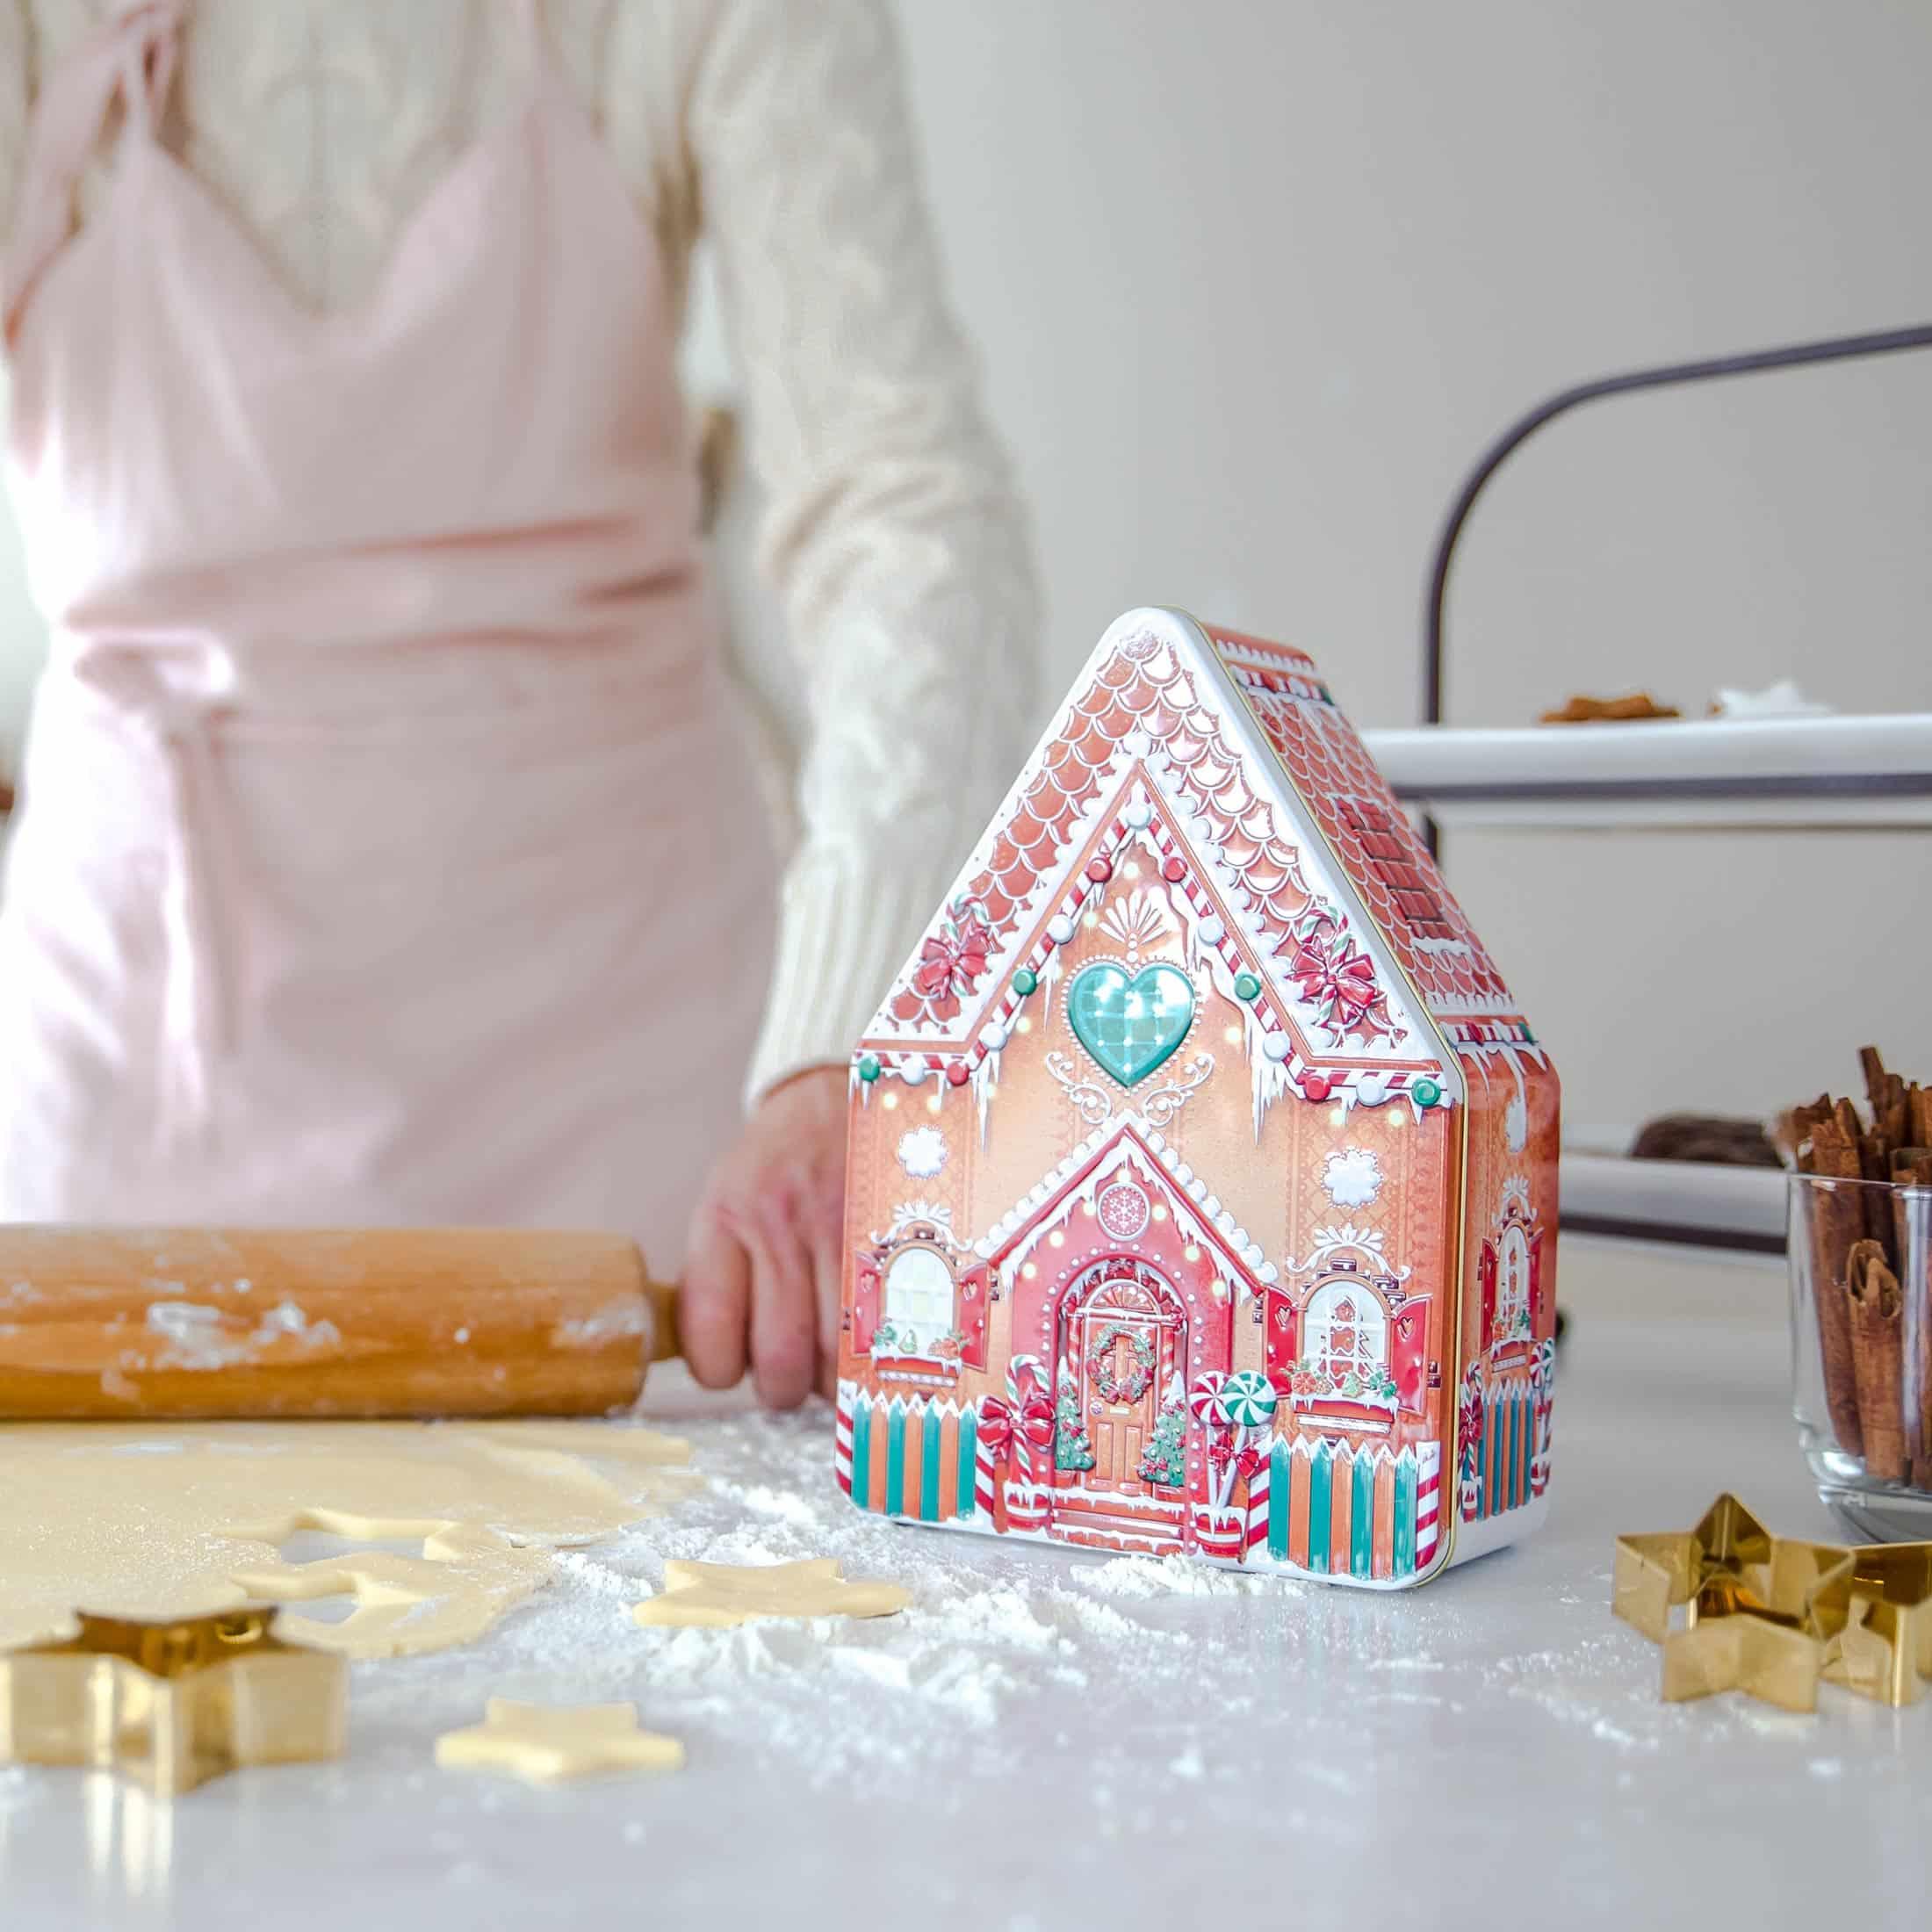 Plätzchendose Haus für Ihre selbstgebackenen Plätzchen zu Weihnachten ♥ Dose für die Aufbewahrung von Weihnachtsplätzchen ♥ Soulbirdee Onlineshop